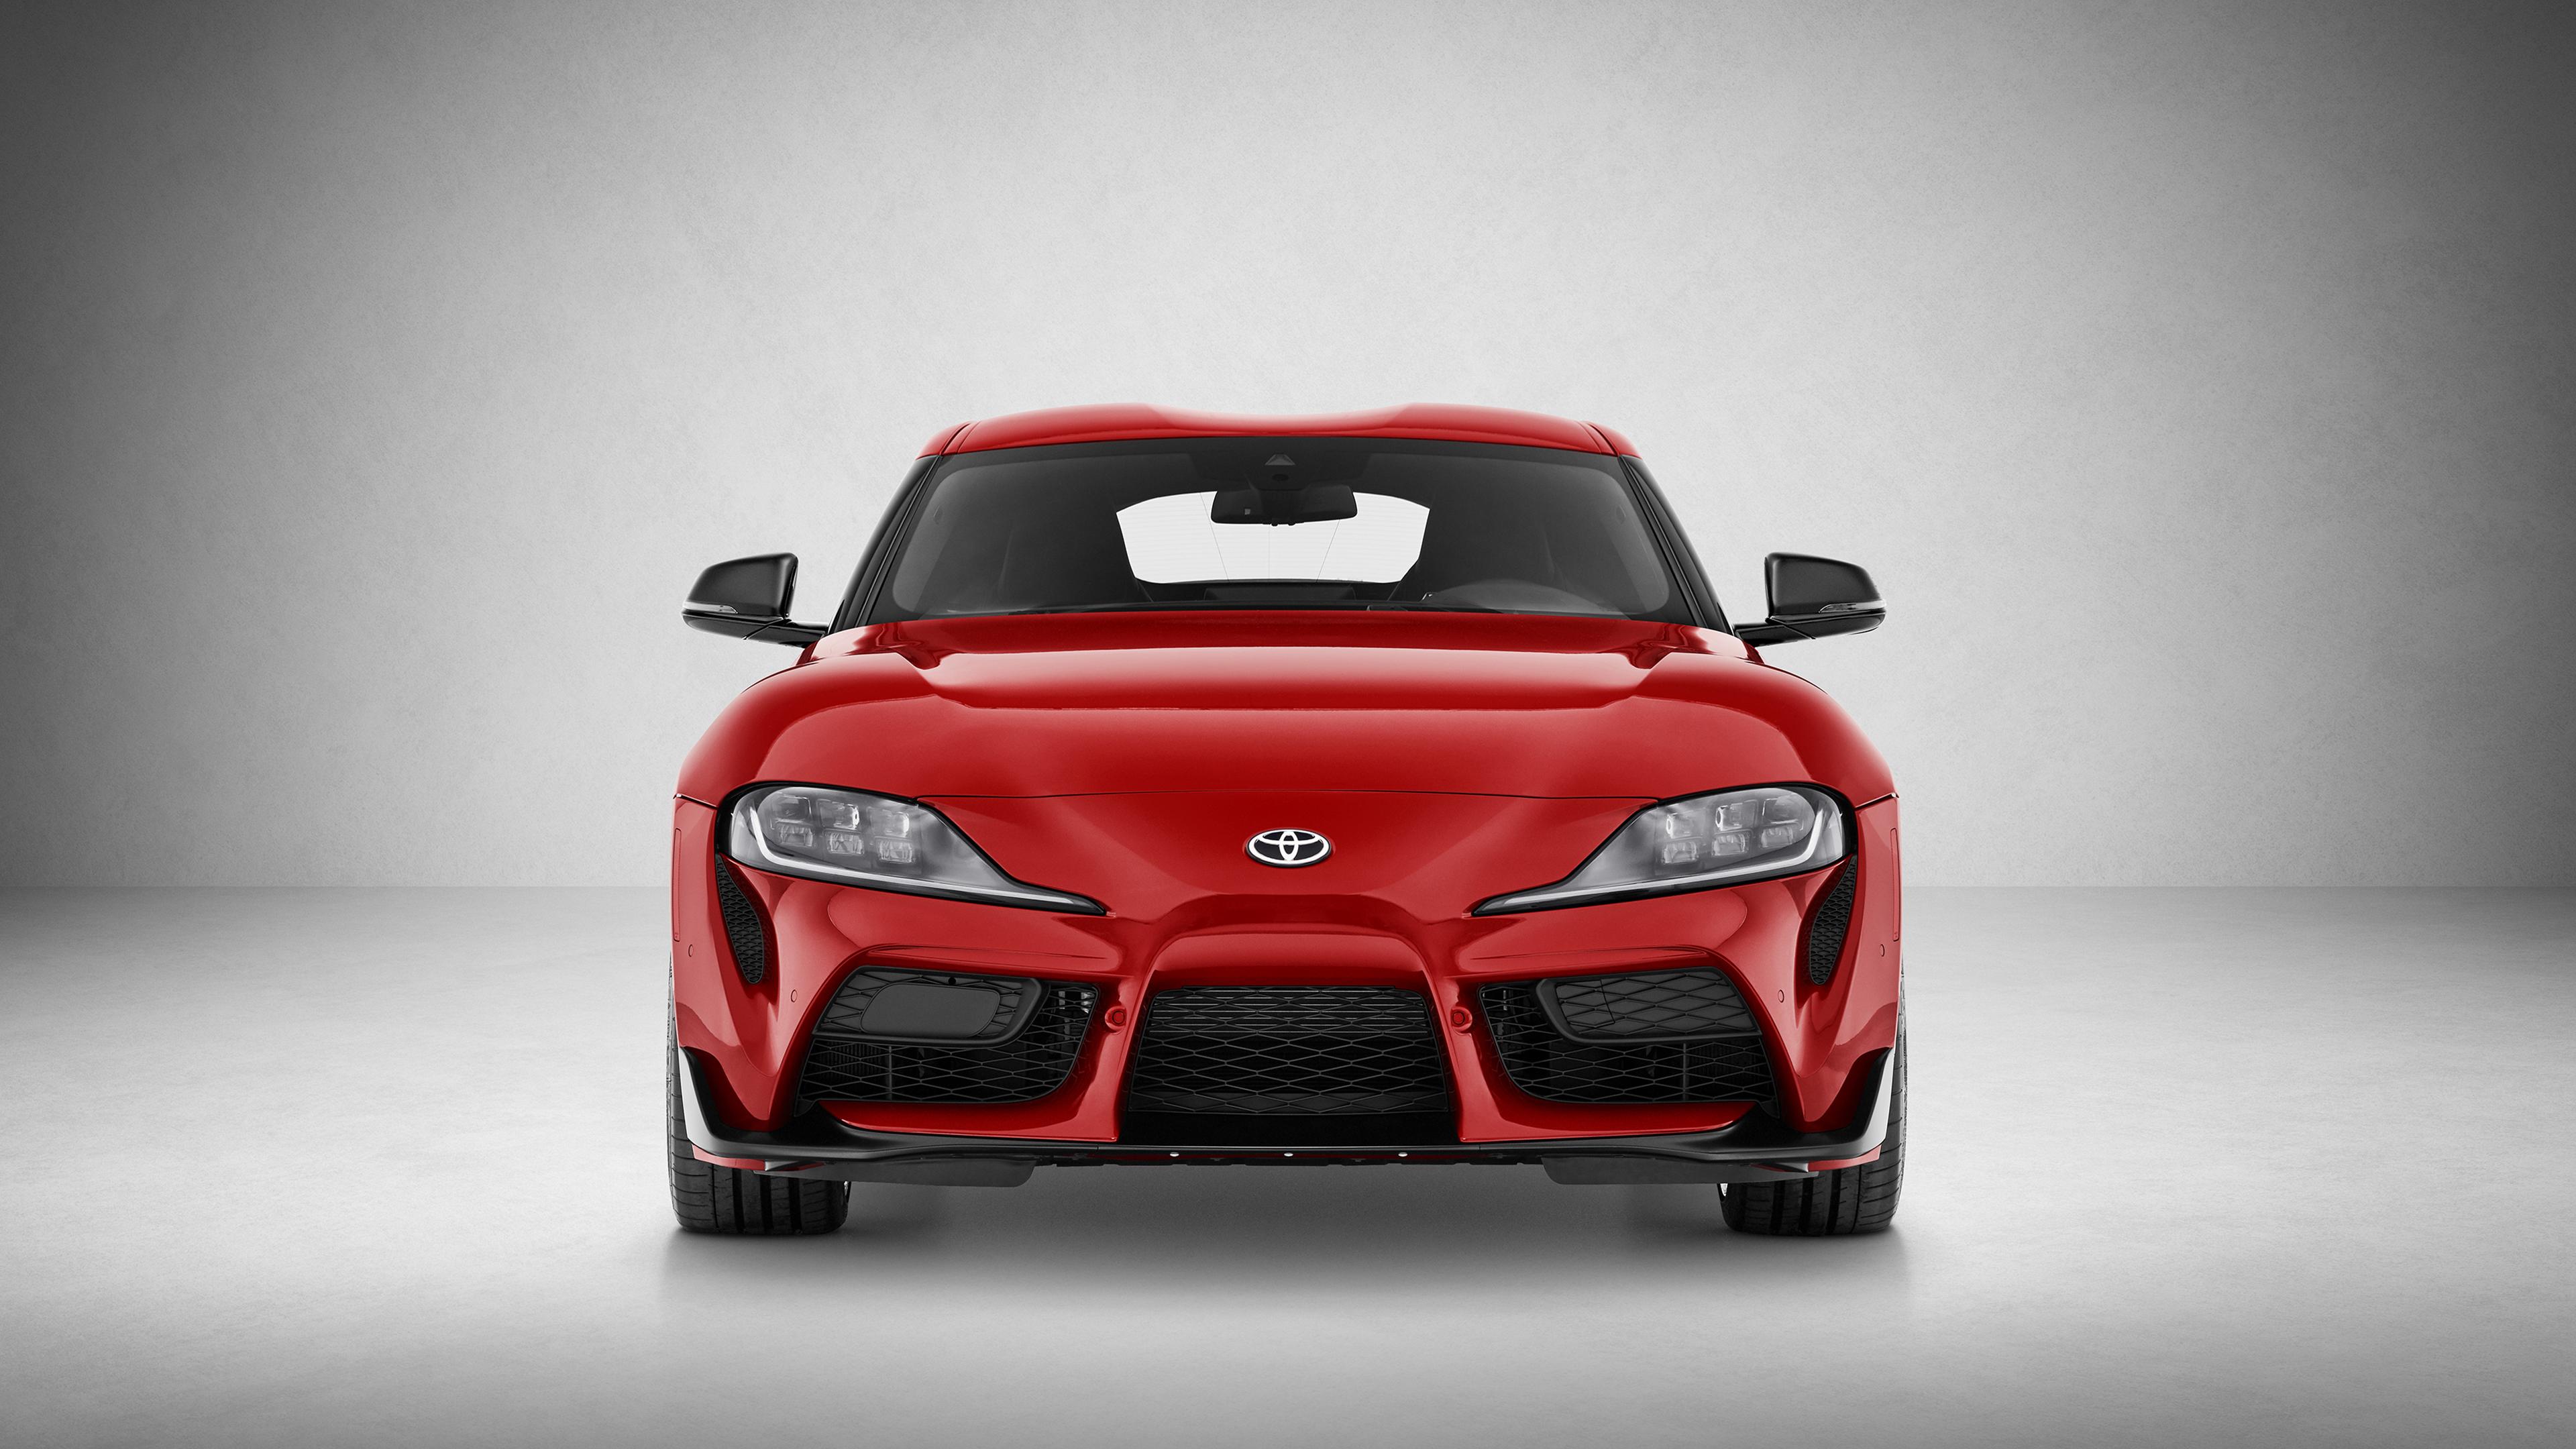 2020 Toyota GR Supra 4K 3 Wallpaper HD Car Wallpapers ID 11866 3840x2160